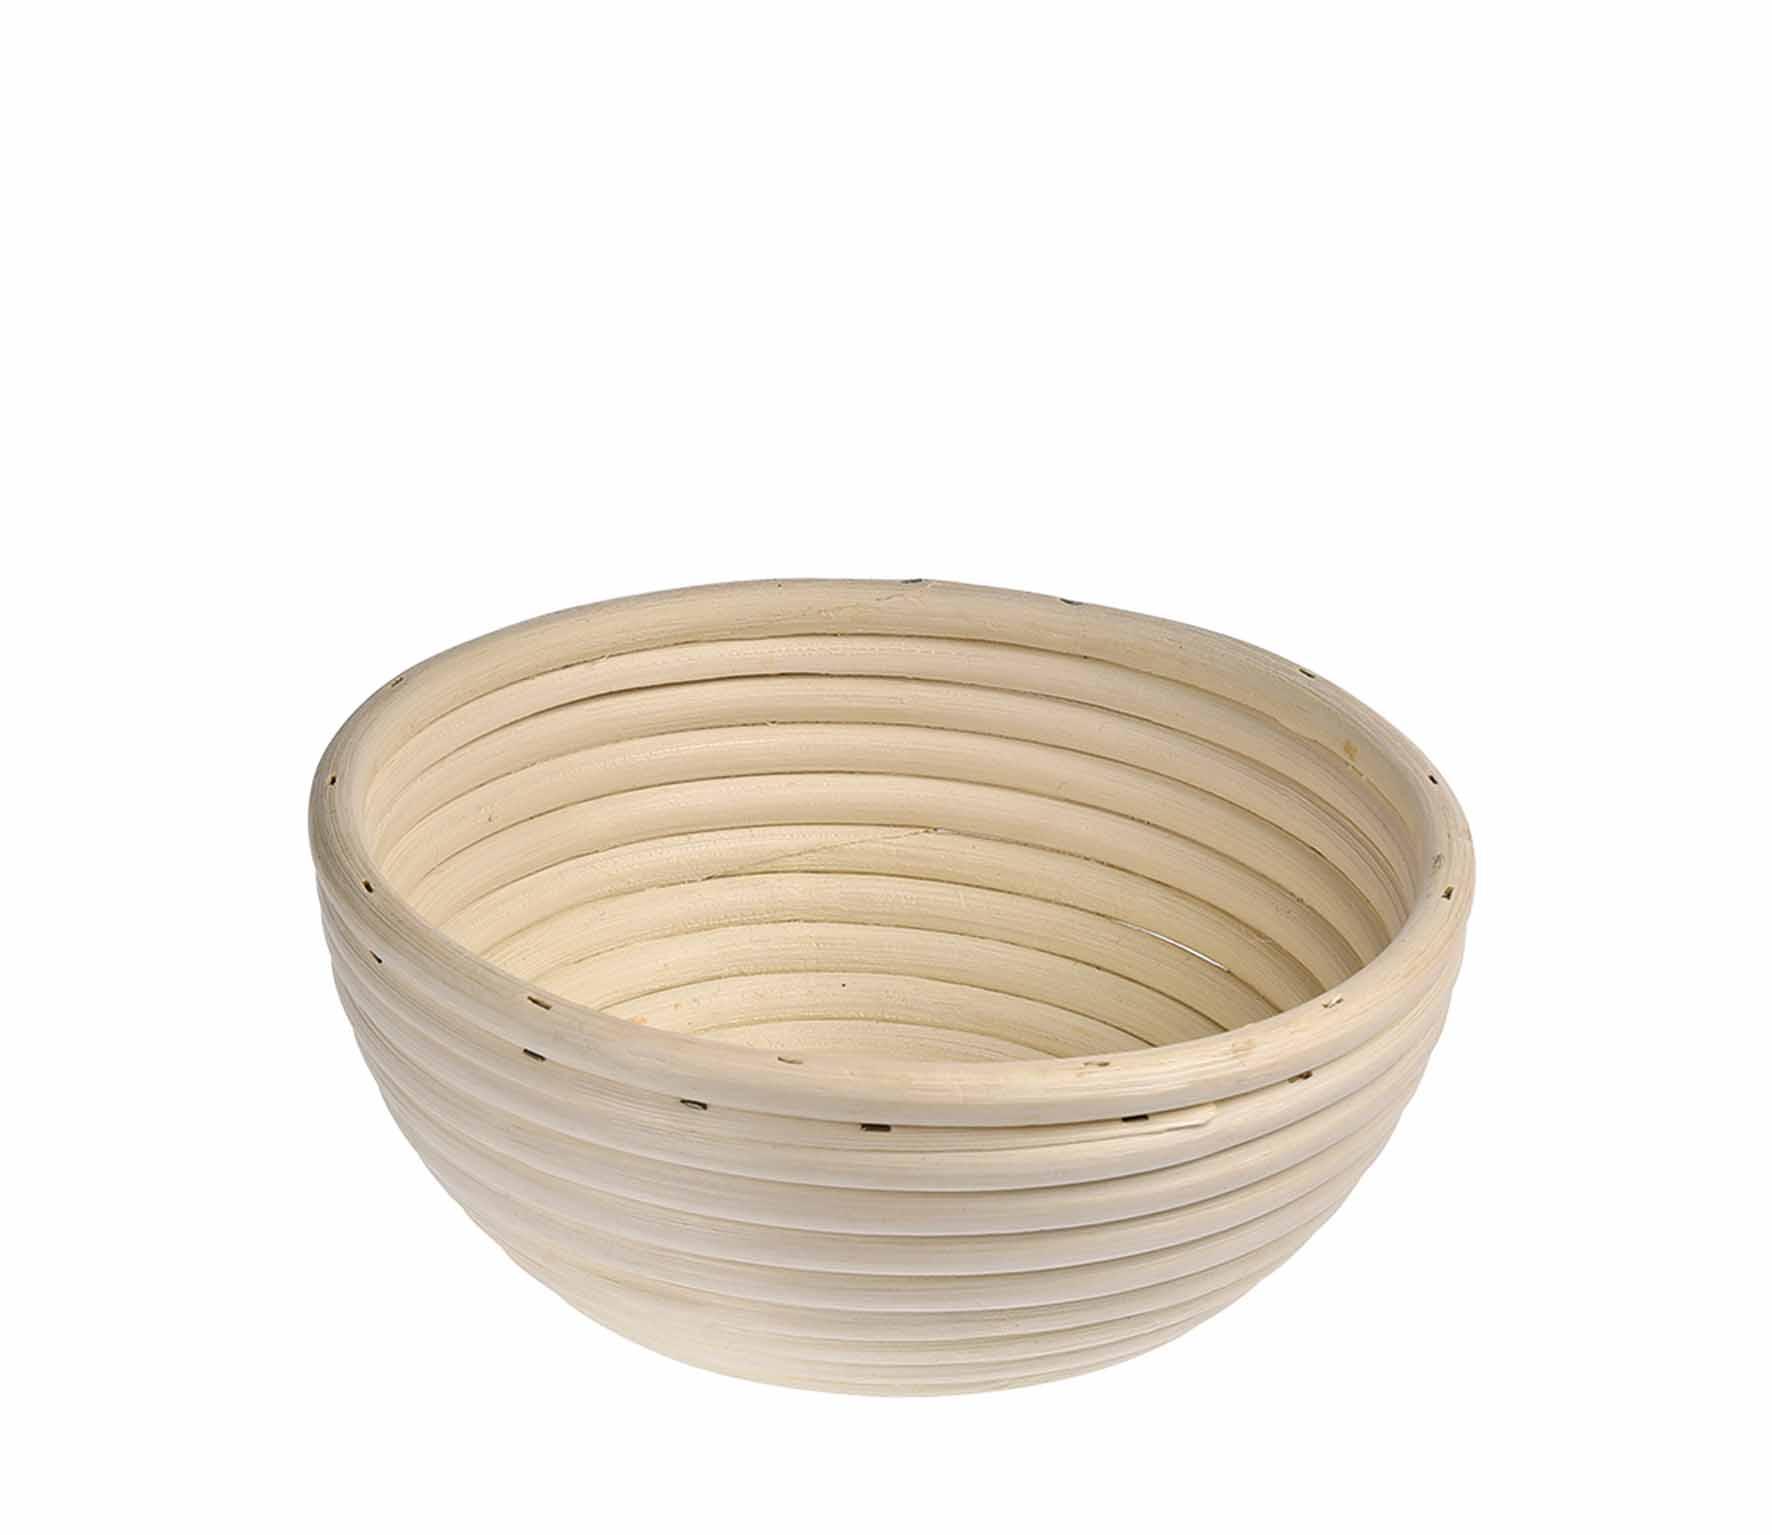 Kulatý košík na chleba, 18 cm - Küchenprofi